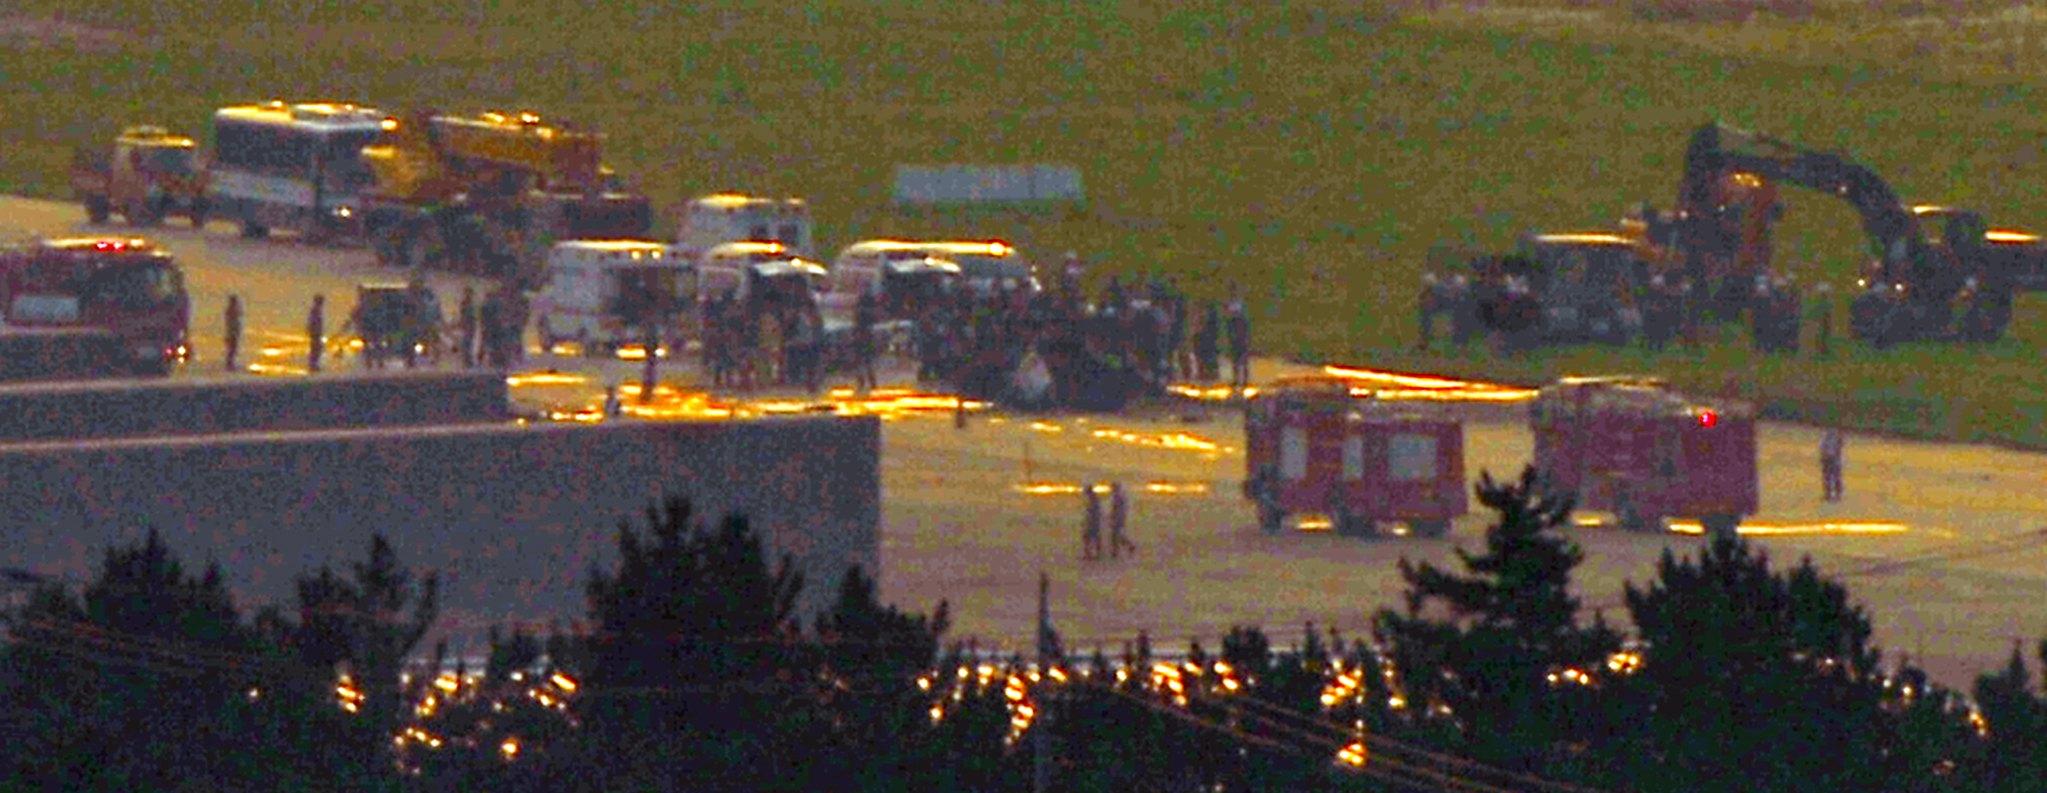 17일 해병대 상륙기동헬기 마린온이 경북 포항 해군 6항공전단 부대내에 추락했다. 군 관계자와 소방대원들이 사고 현장을 수습하고 있다. 사고 헬기는 정비 후 시험비행 중이었던 것으로 알려졌으며 추락 직후 화재가 발생했다.사고로 탑승자 6명중 5명이 사망하고 1명은 부상했다.[뉴스1]